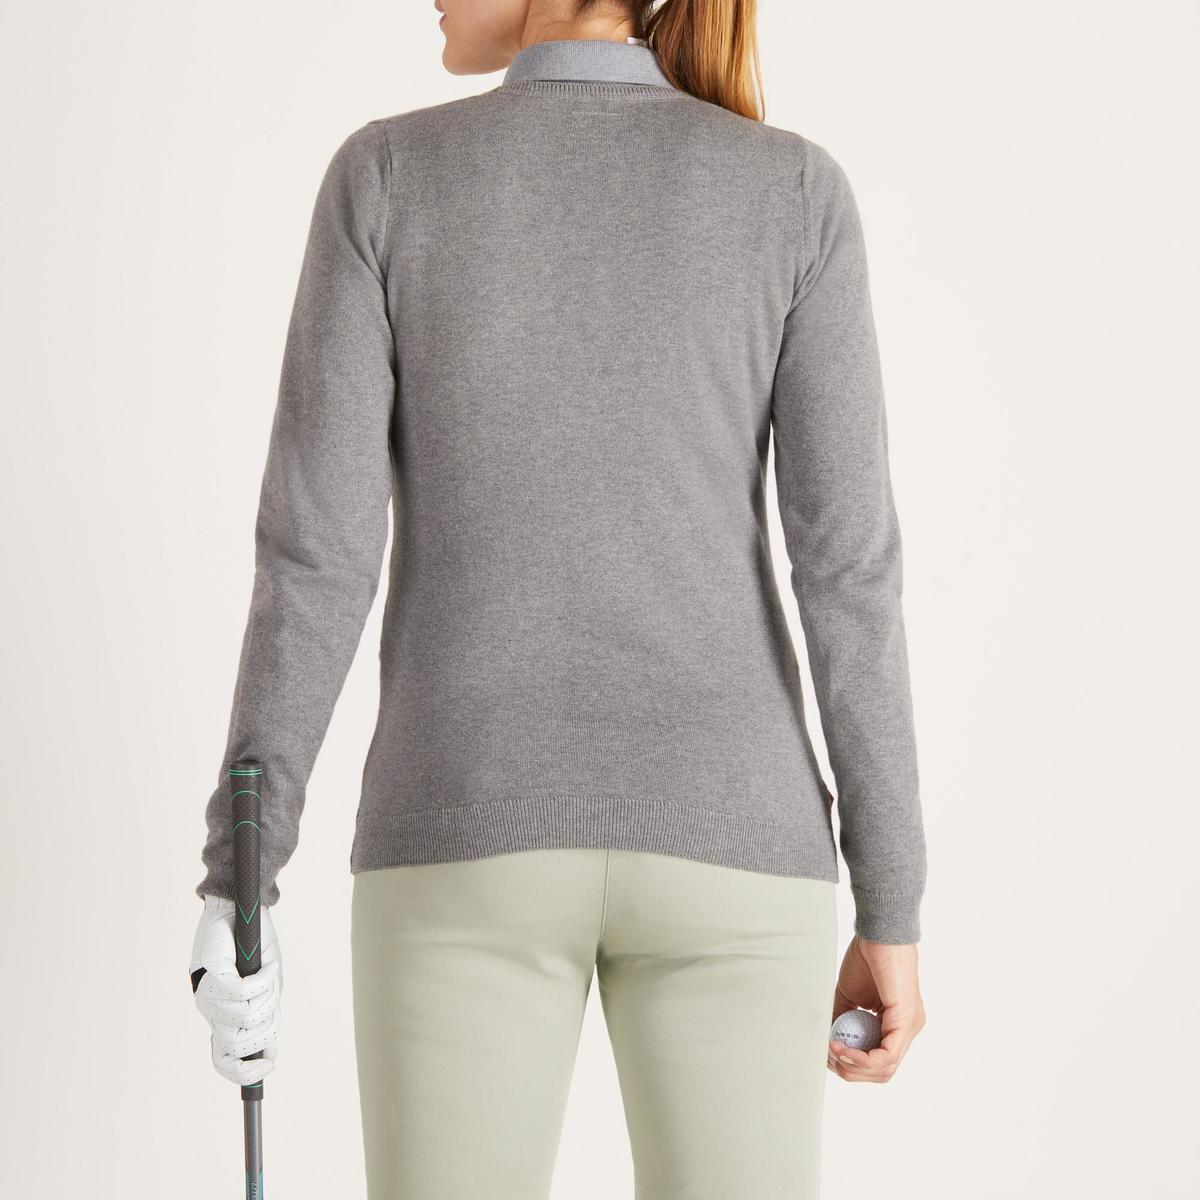 Bild 3 von Golf Pullover Damen grau